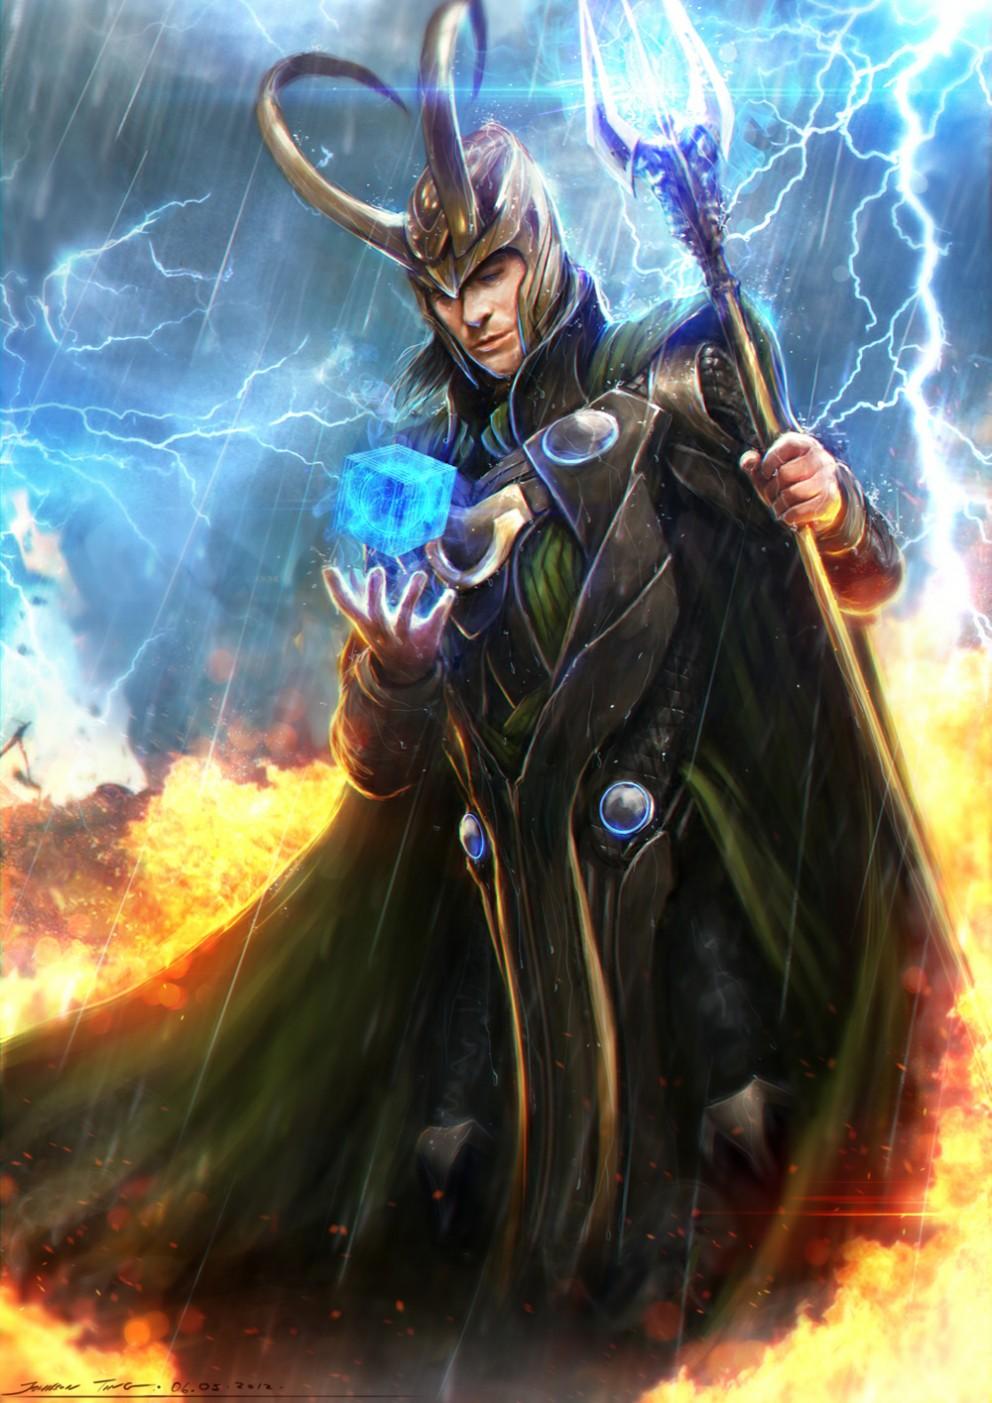 artwork gods lightning marvel - photo #21